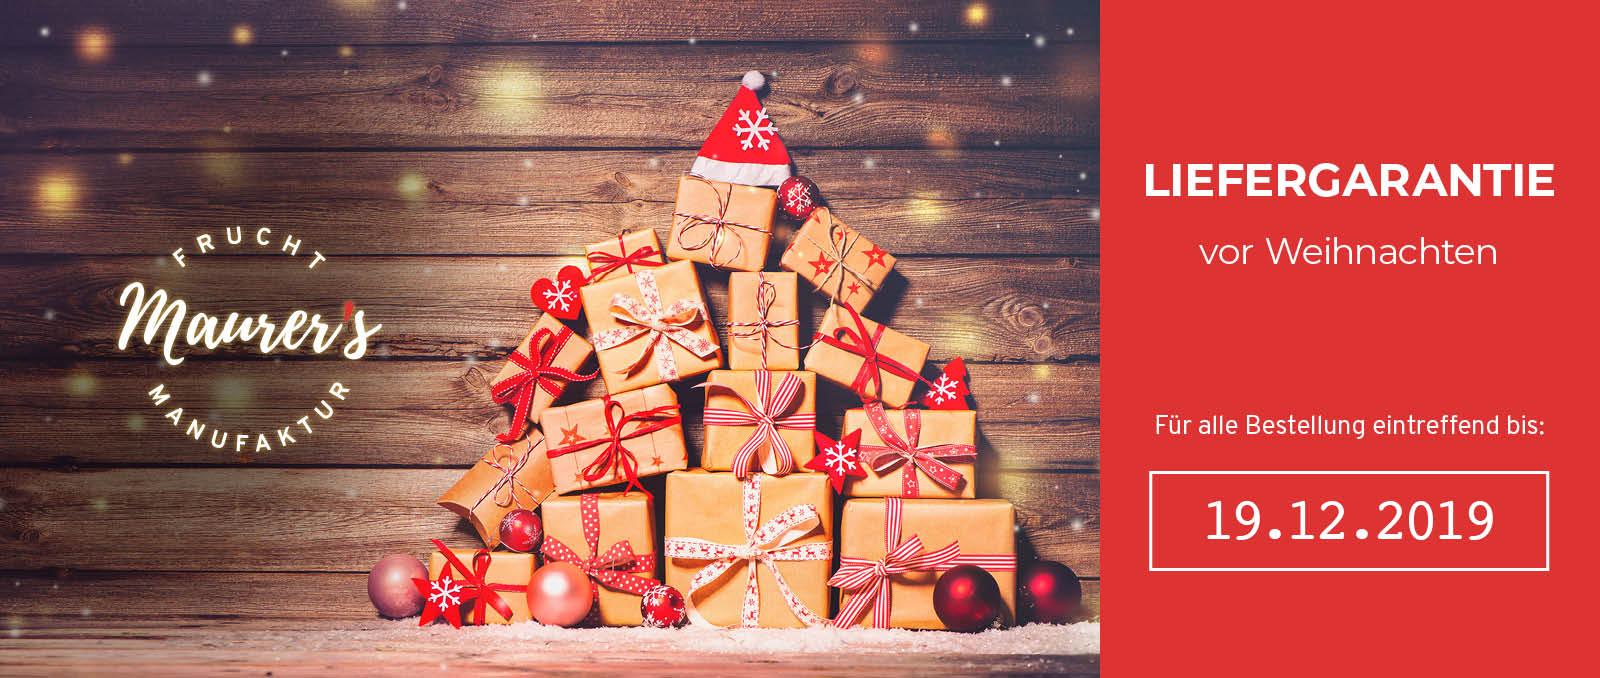 Für alle Bestellung spätestens Do, 19. Dez. 2019 bei uns einlangend können wir die rechtzeitige Lieferung vor Weihnachten garantieren.